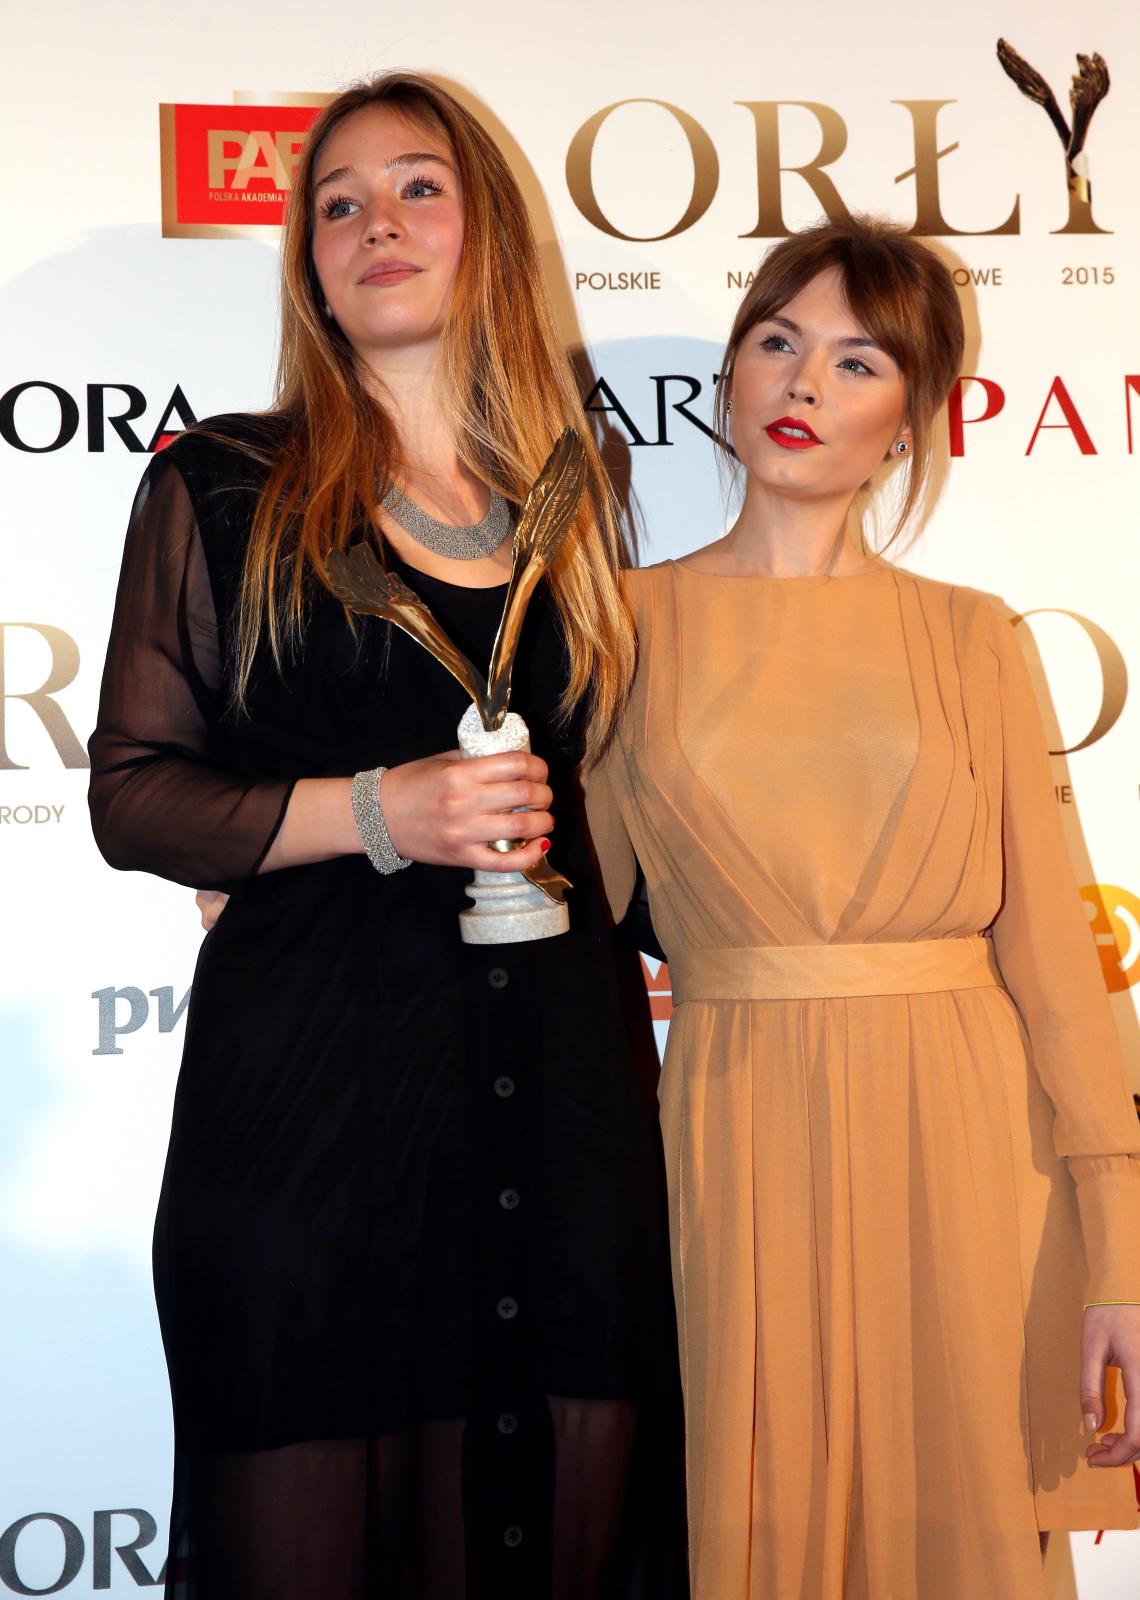 Orły 2015: Zofia Wichłacz (a z nią Agata Trzebuchowska)